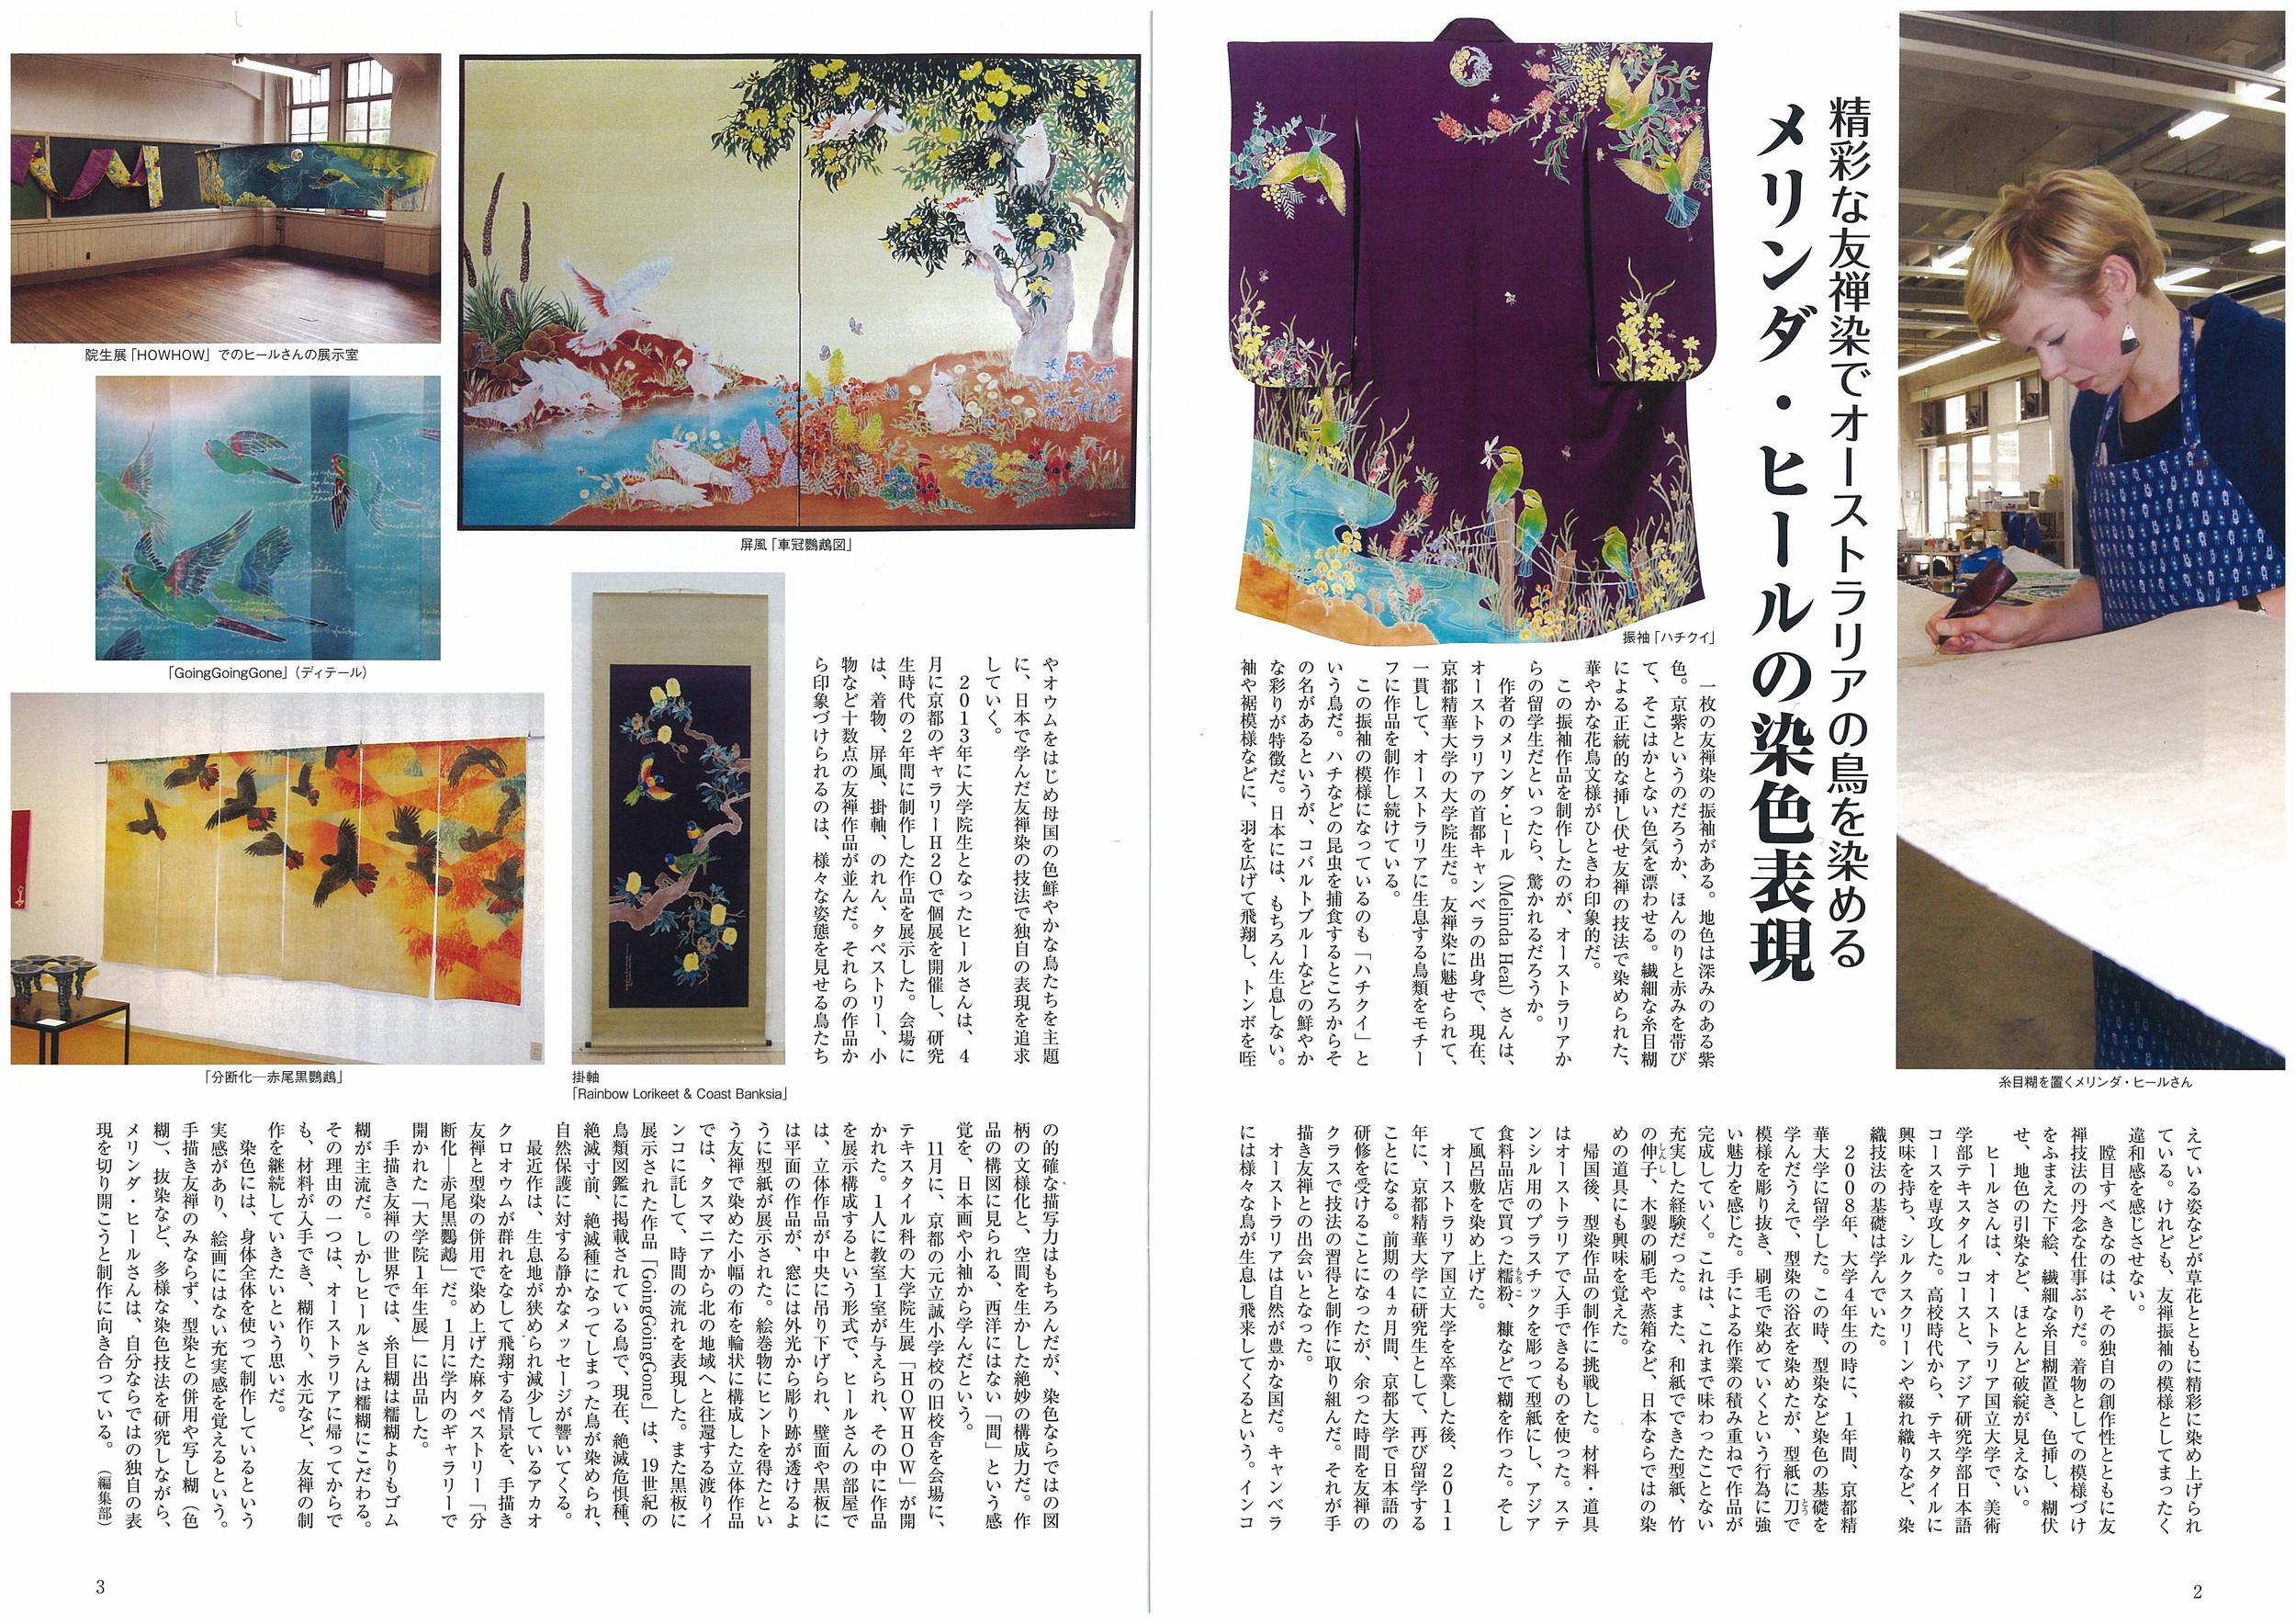 「染織情報α」2014年4月号 「メリンダ・ヒールの染色表現」特集 ページ2-3